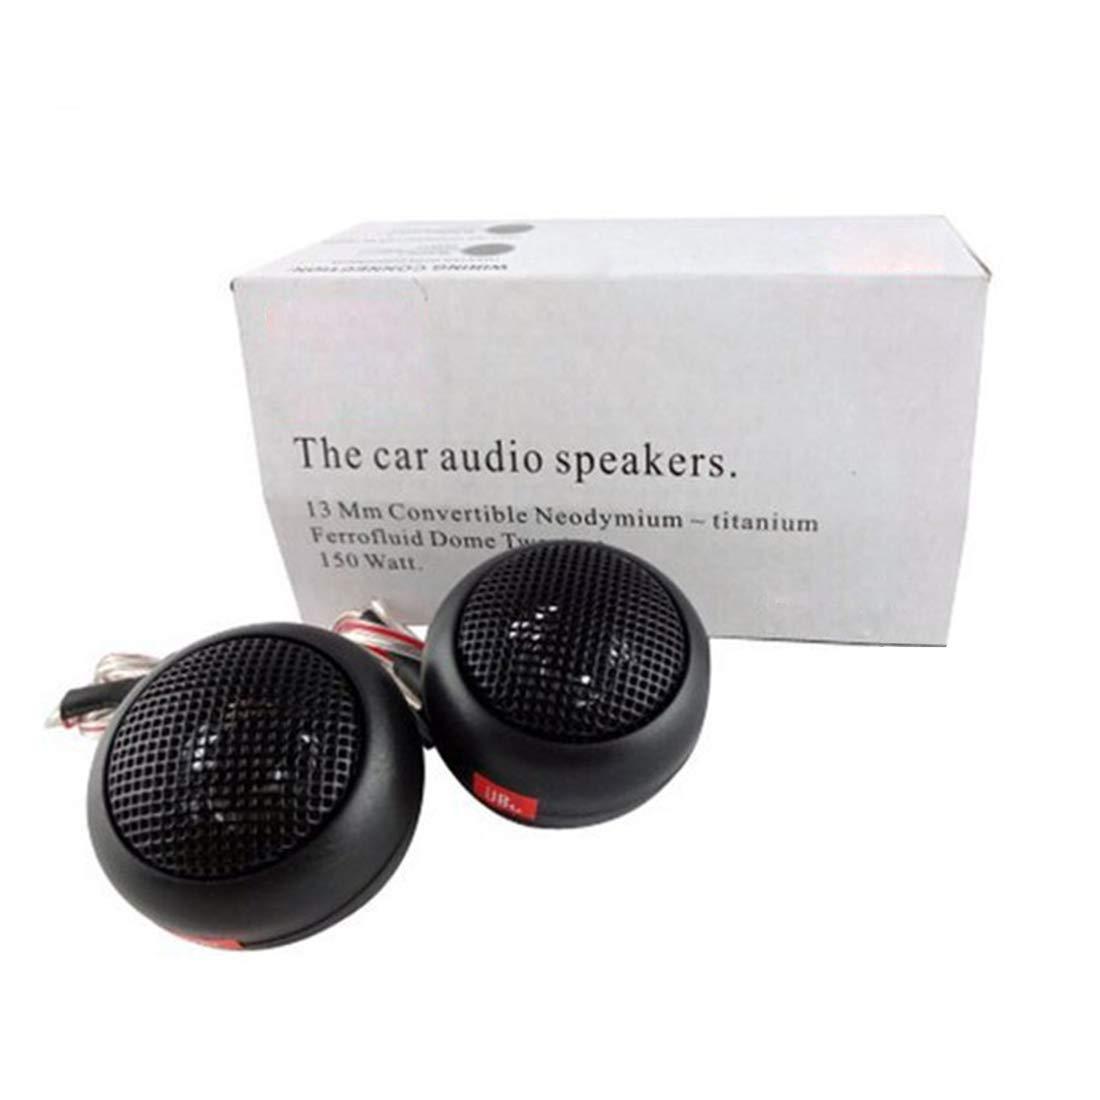 Car Tweeter Speaker Silk Dome Tweeters Audio Component Tweeters Premium Speaker System 1-Inch Tweeter Kit Original Sound Playback Simple to Install ZYHW 5558986787